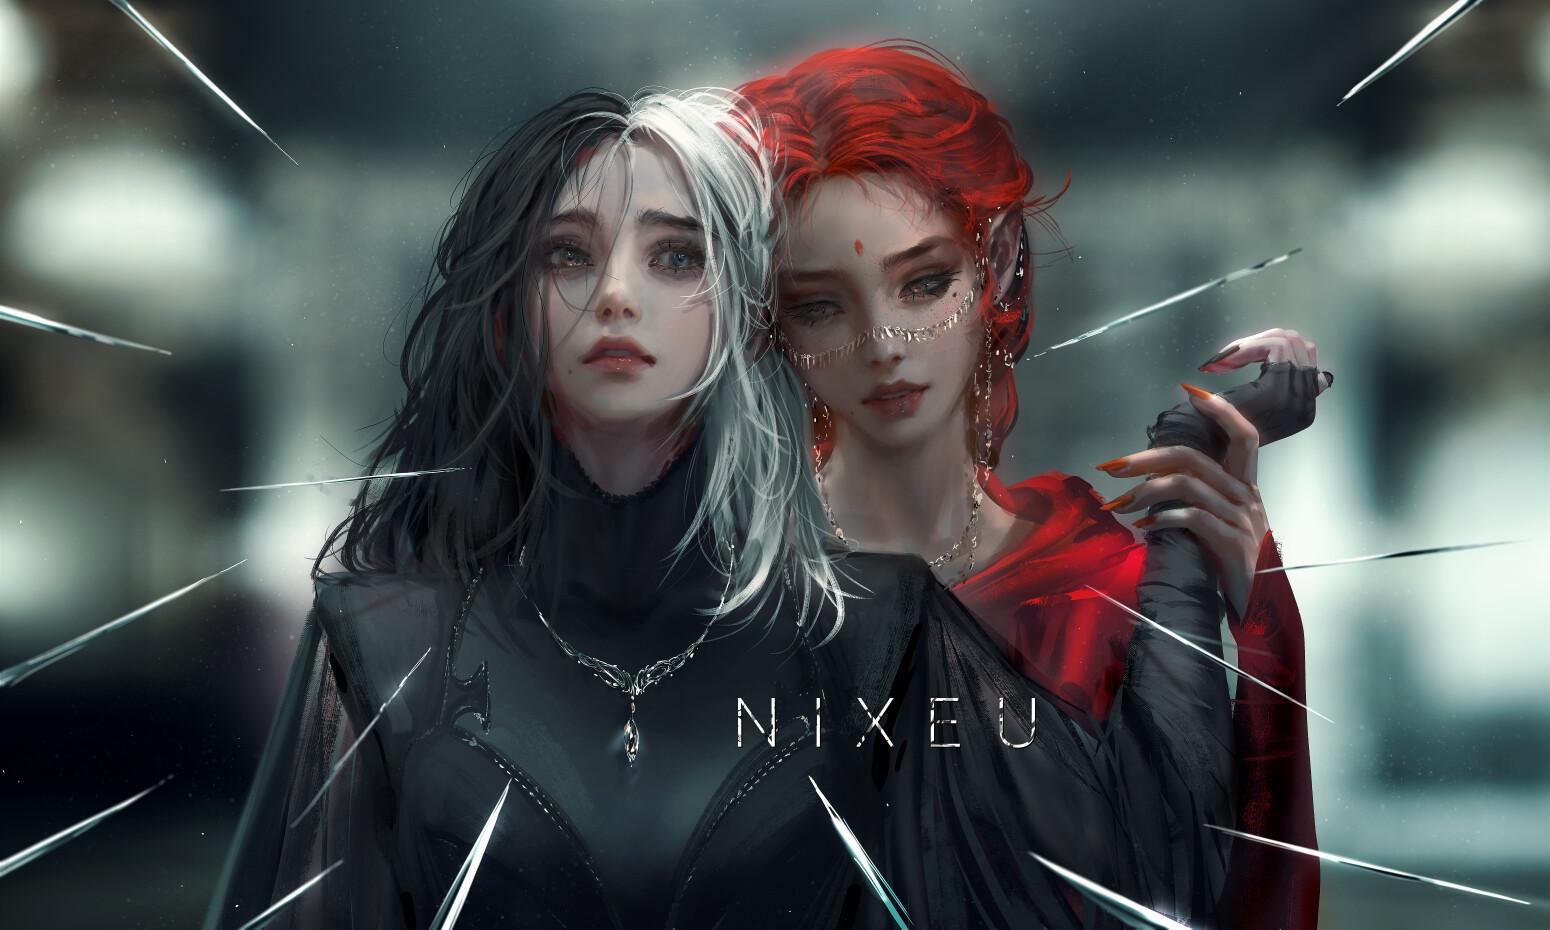 Artwork Fantasy Art Women Redhead Dark Hair White Hair Nixeu 1550x930